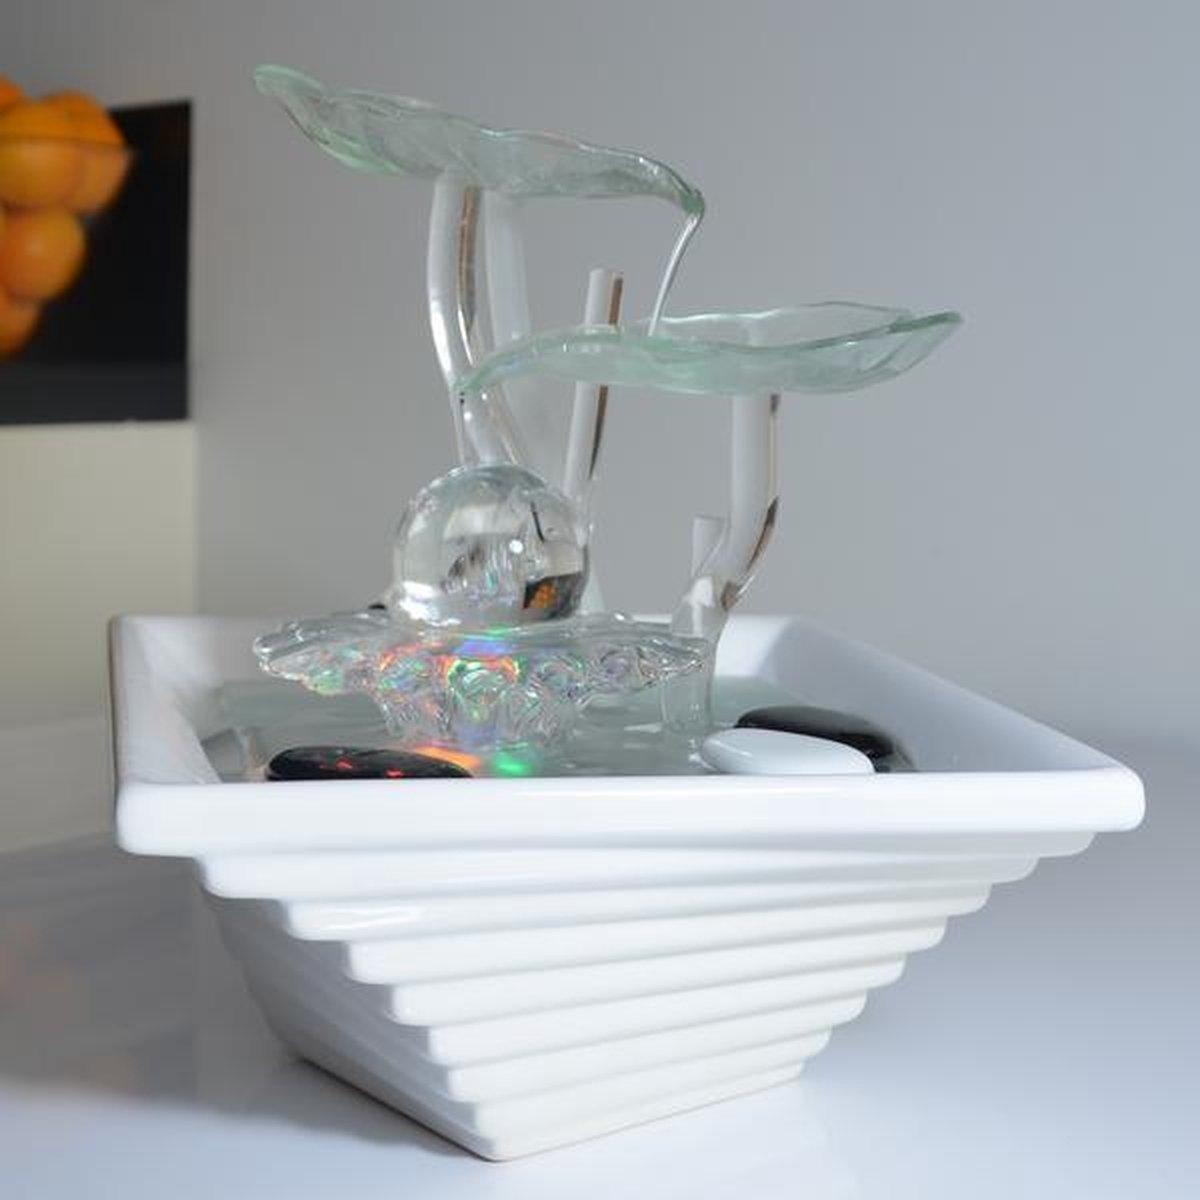 Cristal Line Flower 27 cm hoog - fontein - interieur - fontein voor binnen - relaxeer - zen - waterornament - cadeau - geschenk - verjaardag - kerst - nieuwjaar - origineel - lente - zomer - lentecollectie - zomercollectie - afkoeling - koelte